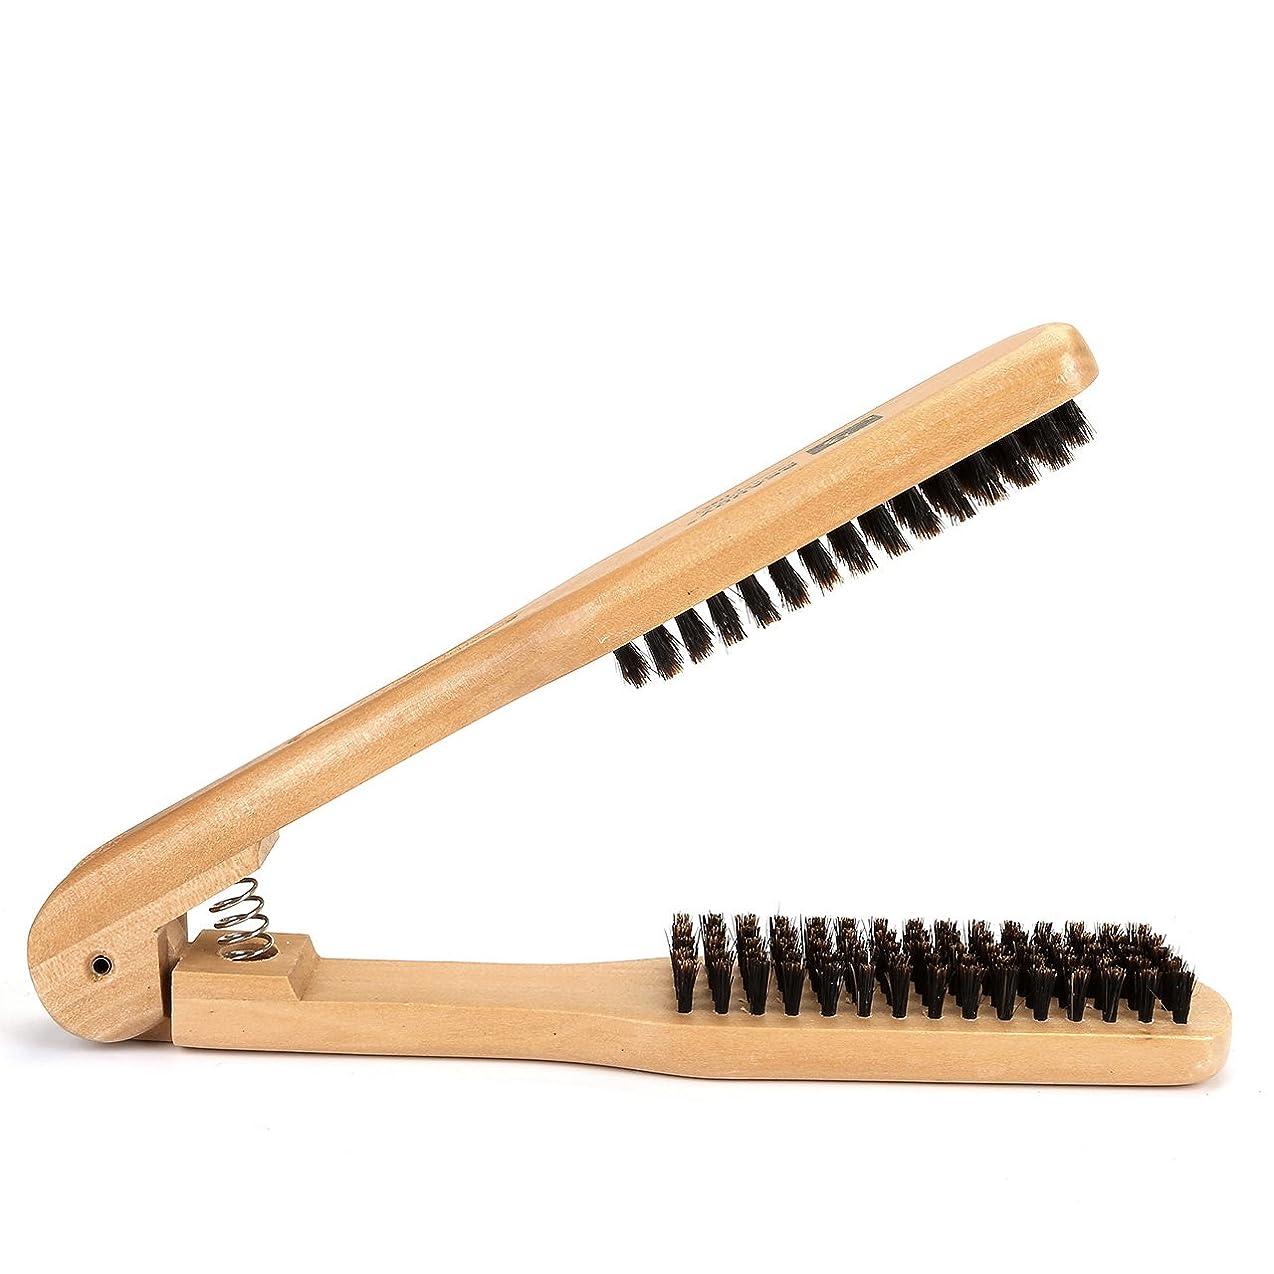 エチケット一緒に矢じりFaletony(JP) ツインストレート ツインストレート用ブラシ ストレート ツイン ヘアコーム V型 静電気防止 美髪道具 美容師 ナチュラルブラウン 木製